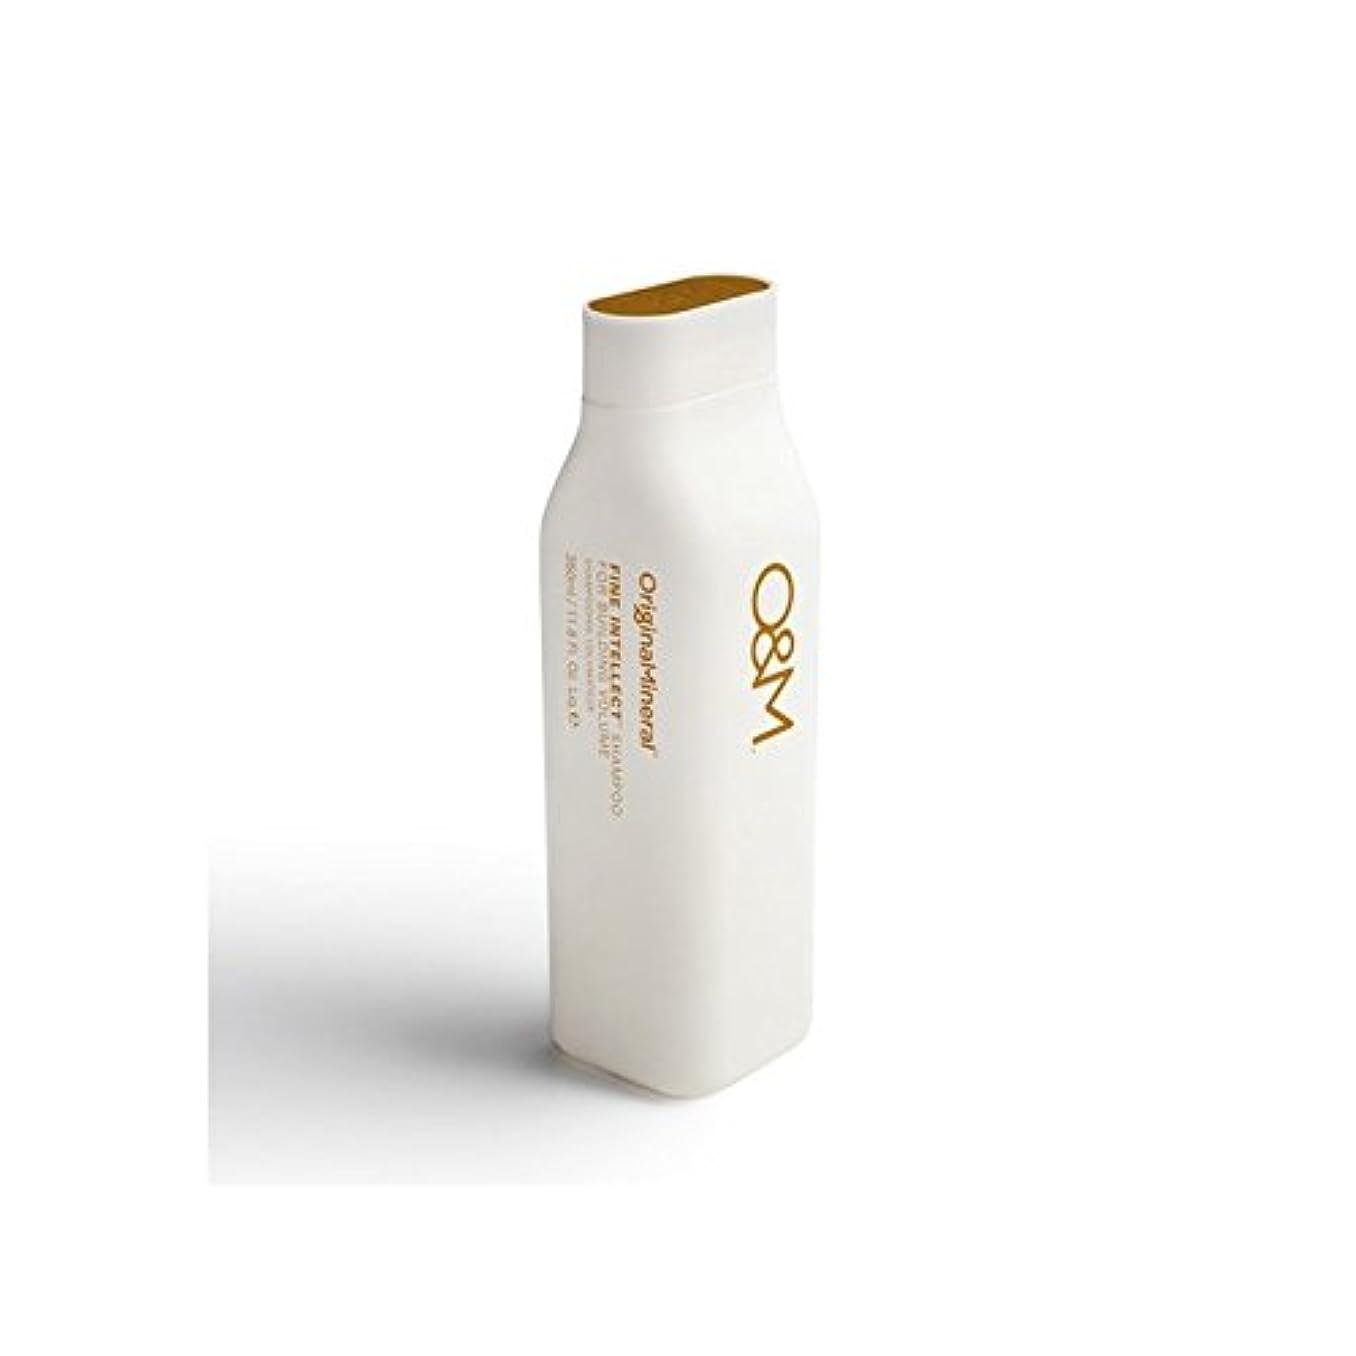 スマイル沼地かもめOriginal & Mineral Fine Intellect Shampoo (350ml) - オリジナル&ミネラル細かい知性シャンプー(350ミリリットル) [並行輸入品]